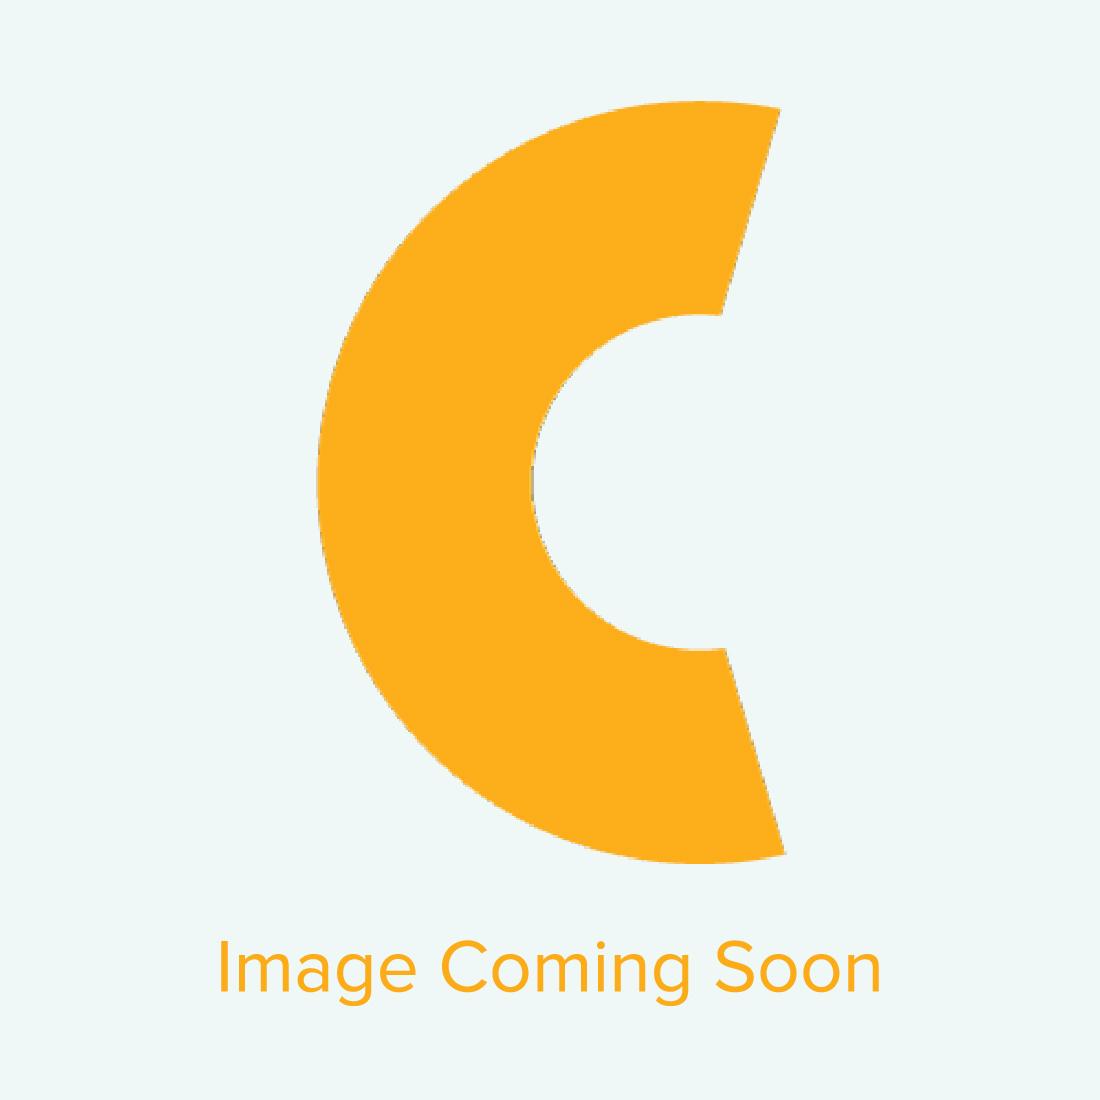 """MAXX Digital Clamshell Heat Press Machine - 15"""" x 15"""""""